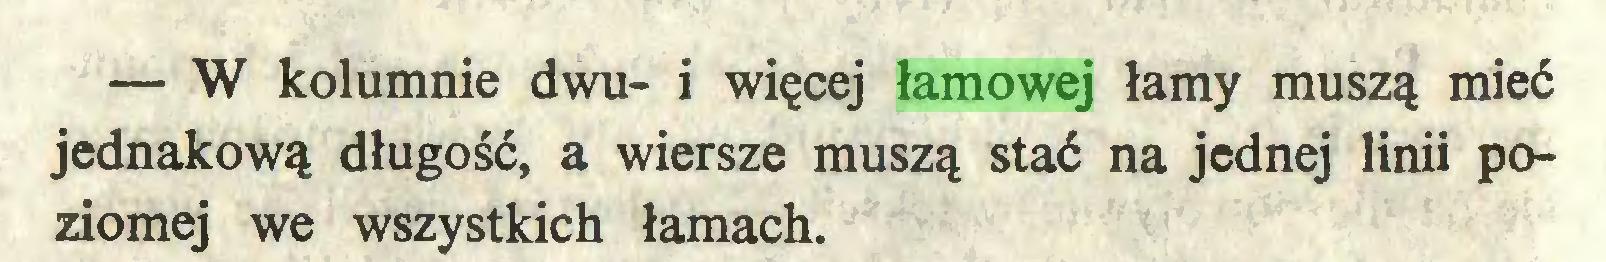 (...) — W kolumnie dwu- i więcej łamowej łamy muszą mieć jednakową długość, a wiersze muszą stać na jednej linii poziomej we wszystkich łamach...